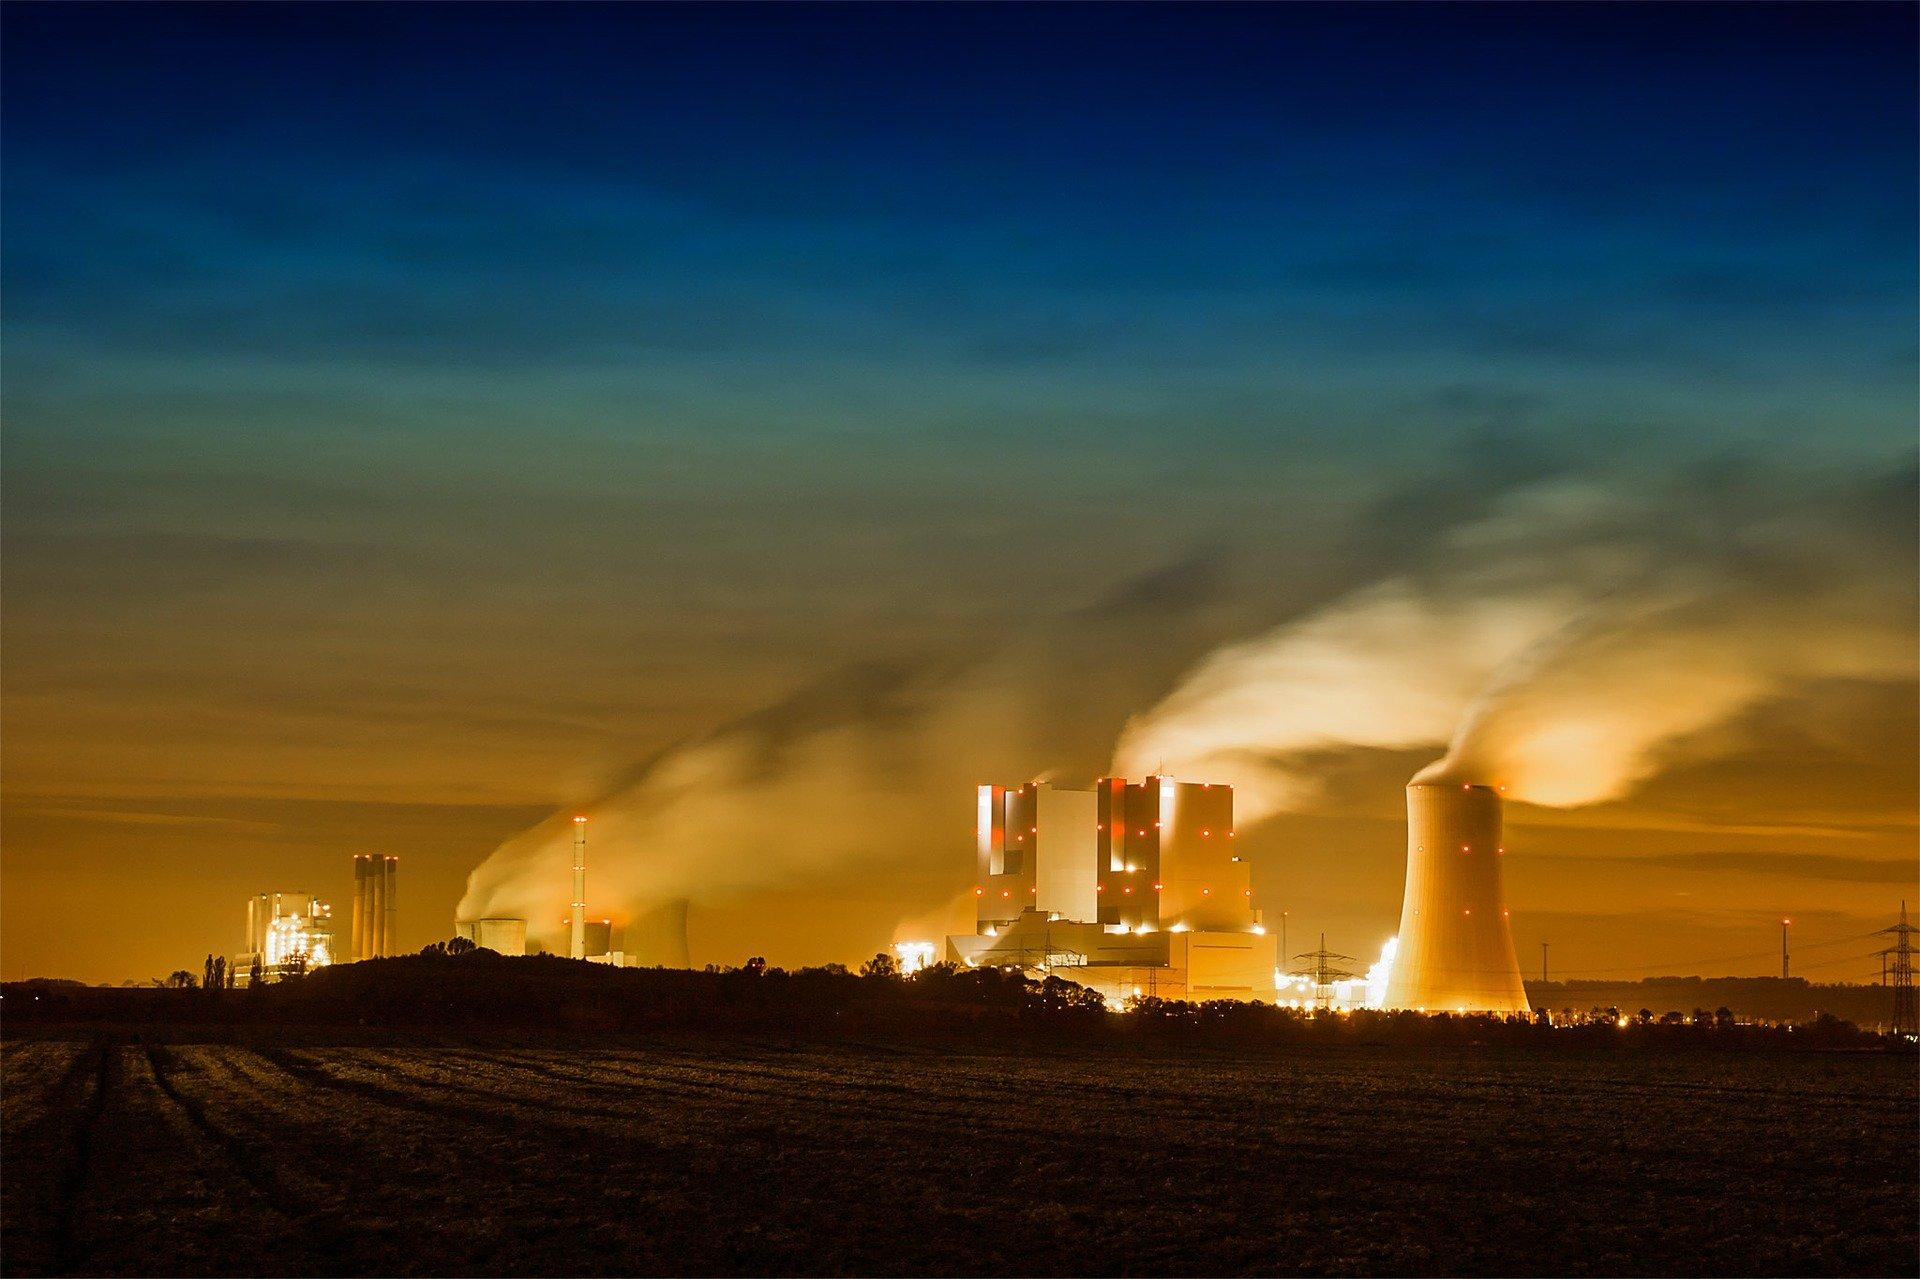 Климат-контроль: как газ из РФ поможет снизить выбросы СО2 в Германии